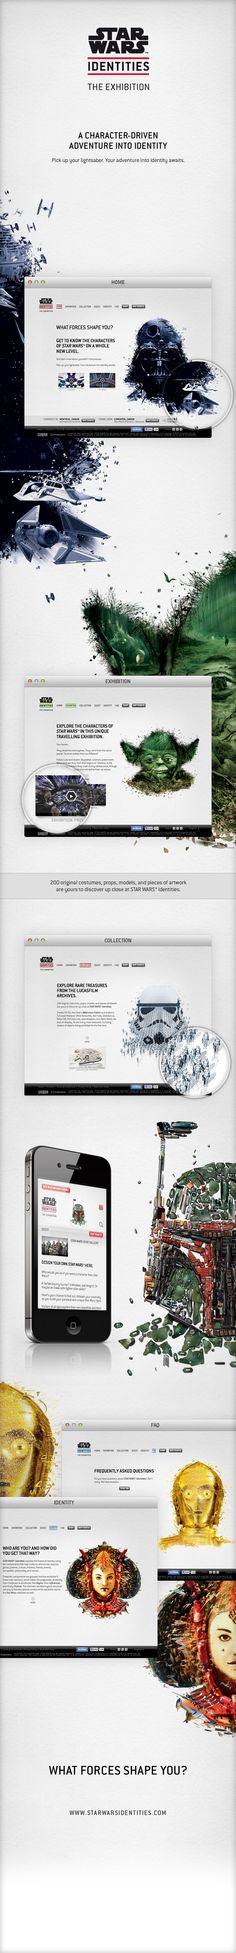 Star Wars Identities: The Exhibition - Website // http://www.behance.net/gallery/Star-Wars-Identities-The-Exhibition-Website/4958057